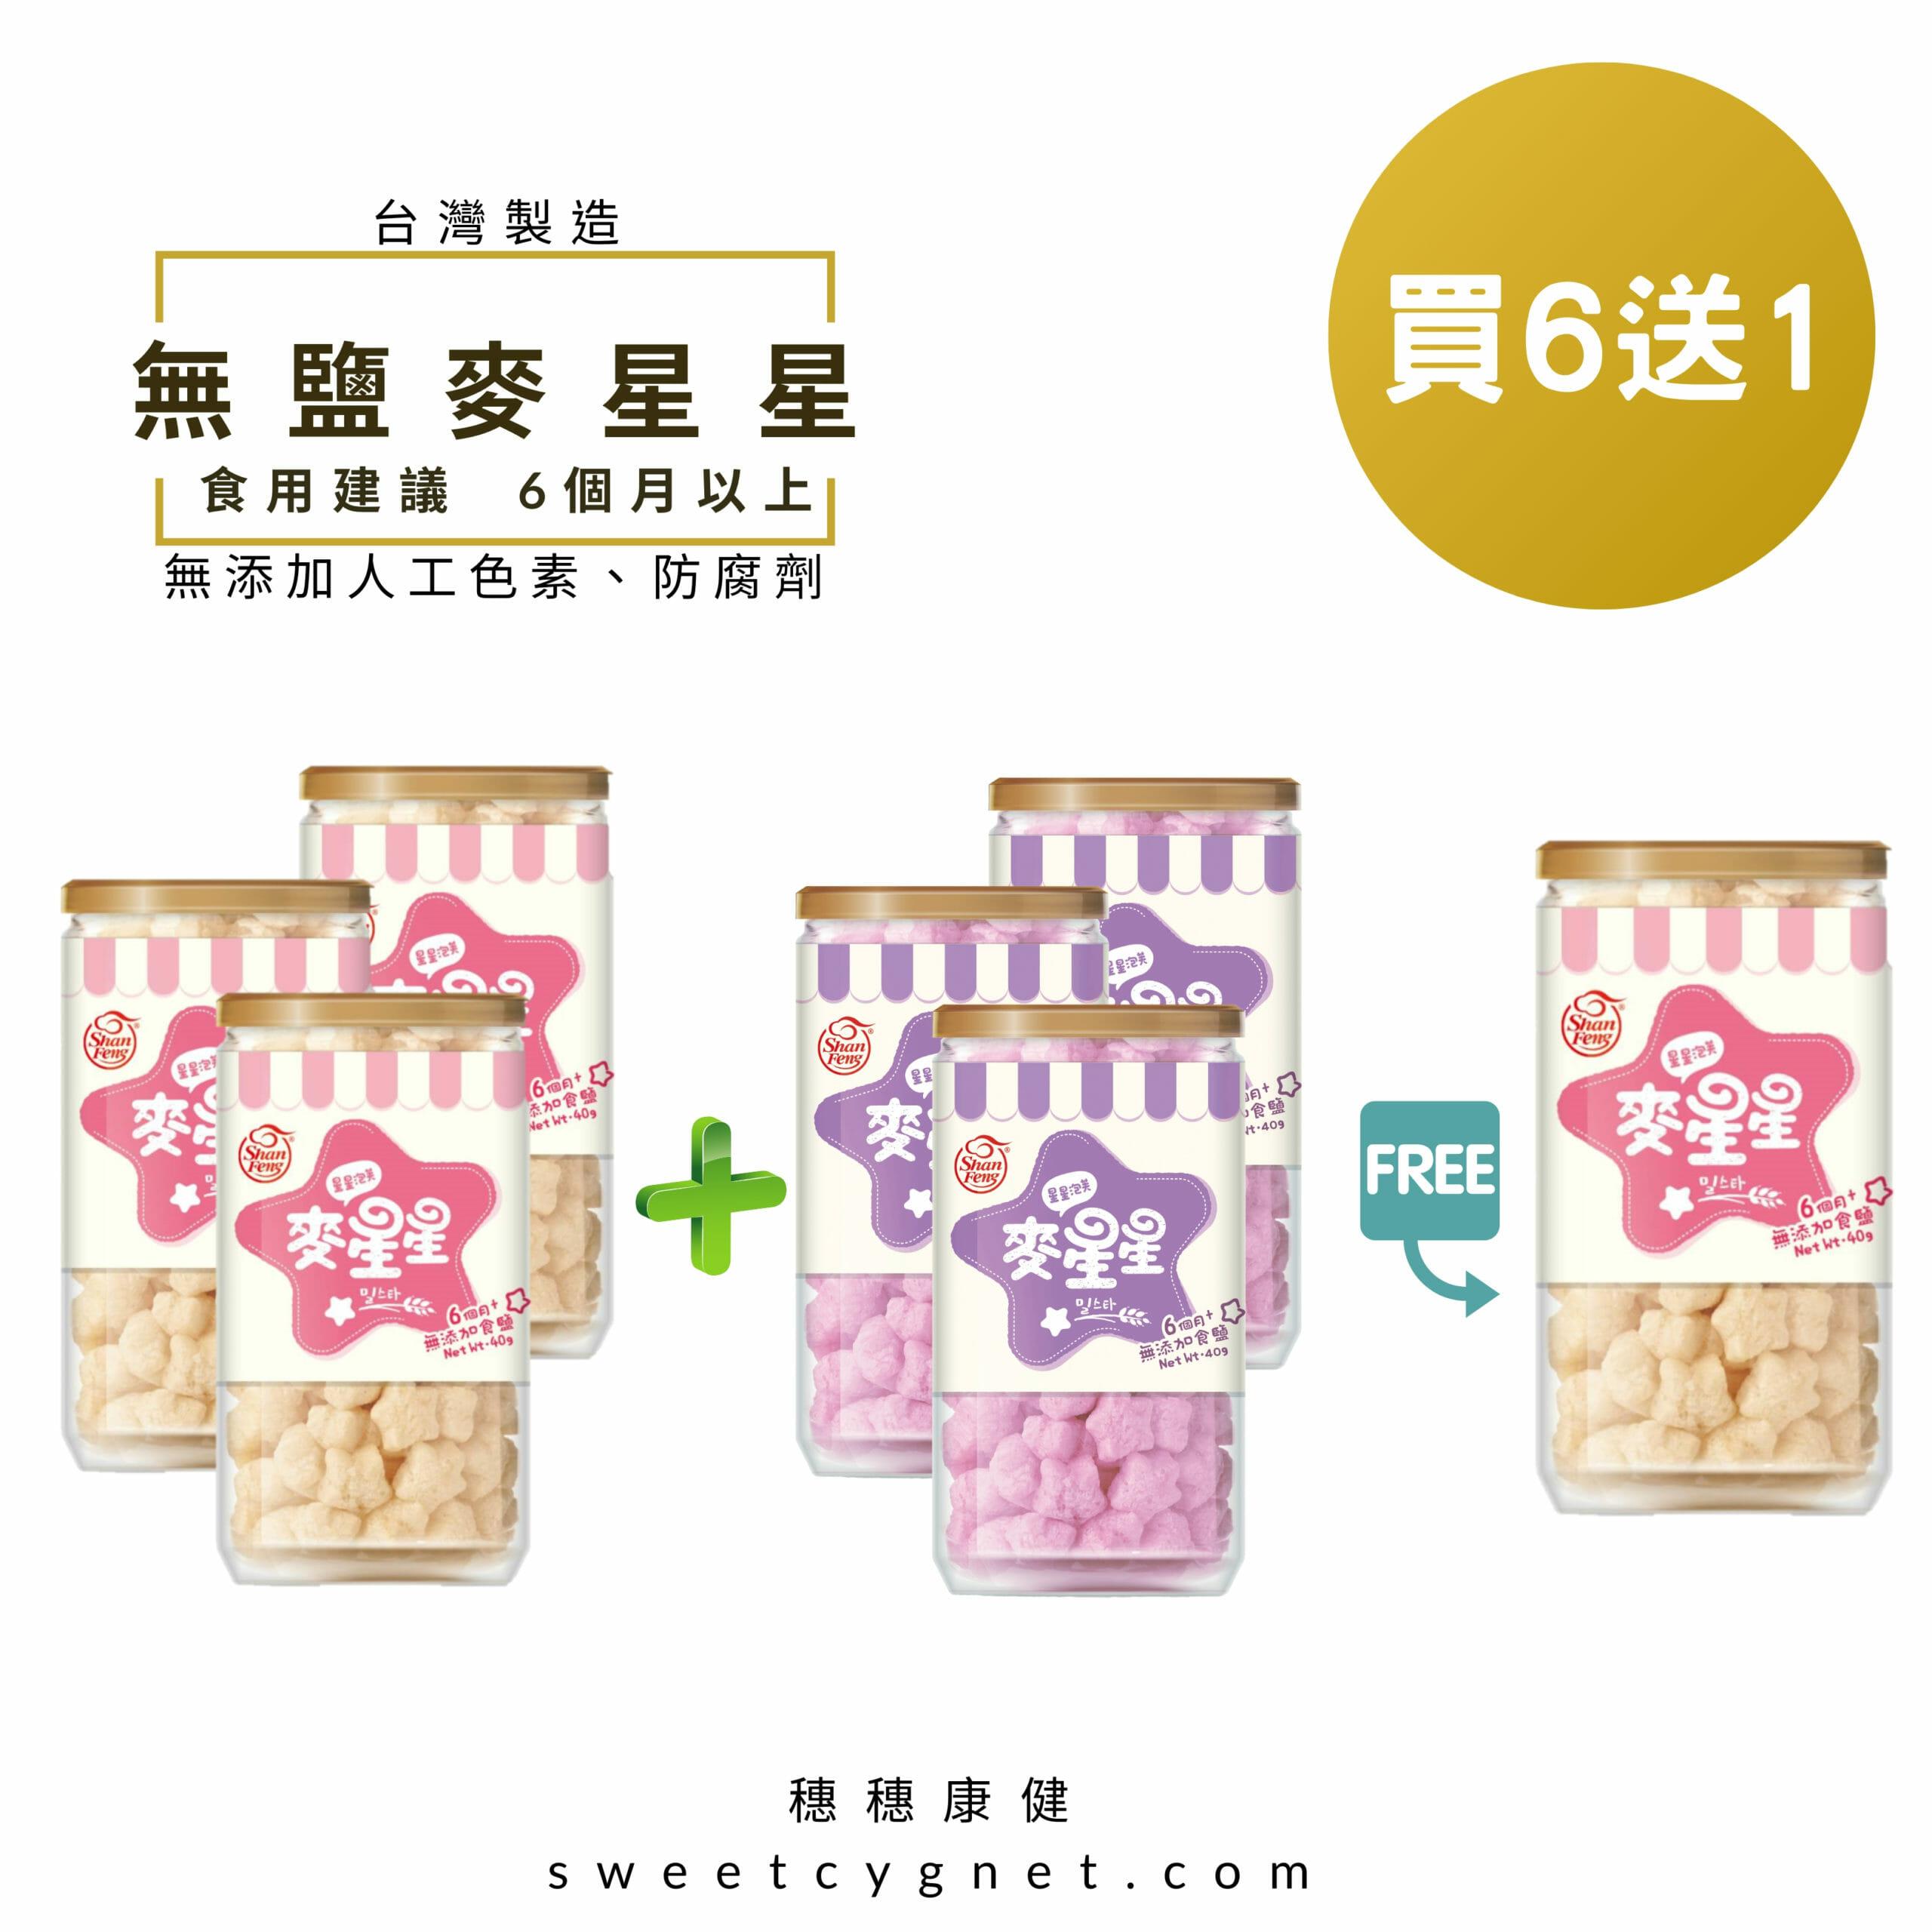 麥星星-雙口味綜合組-40g (7罐入)-紫地瓜、小麥 9